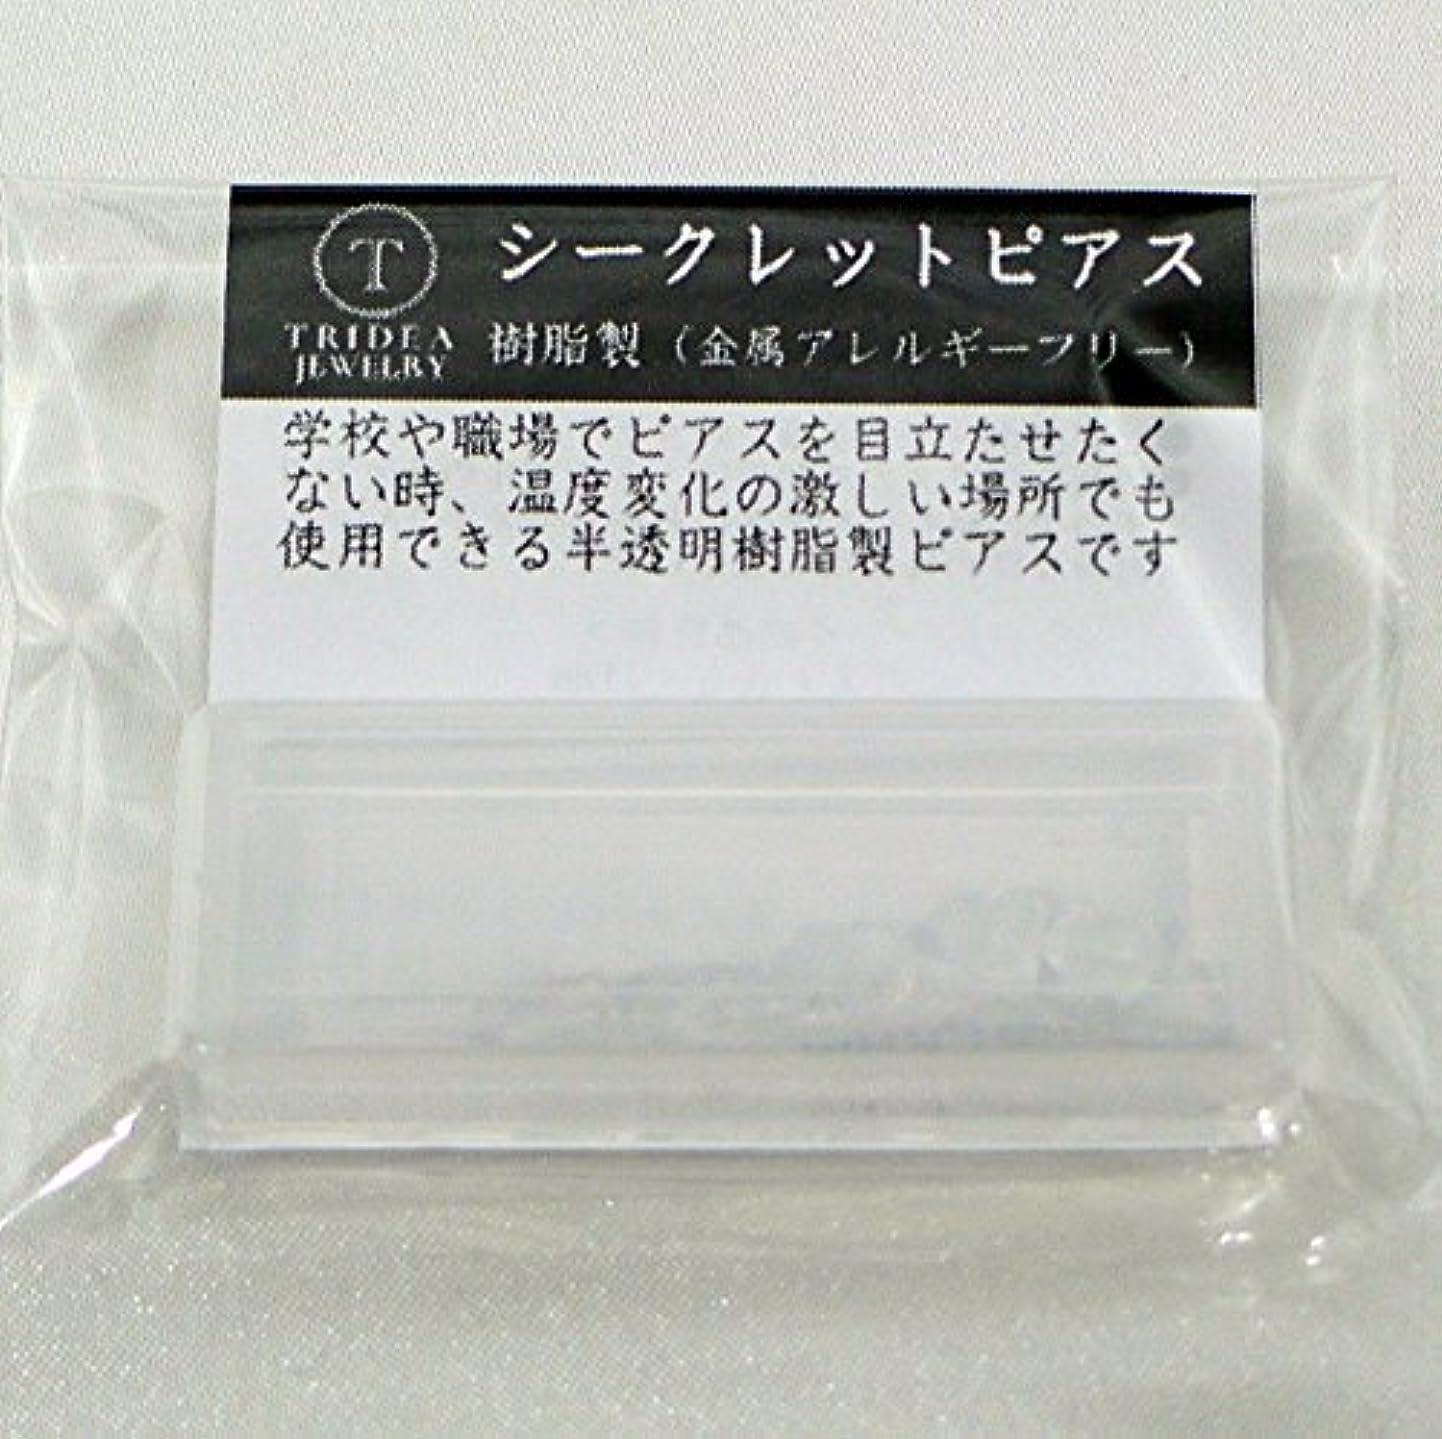 間欠最初に遺体安置所シークレットピアス 樹脂透明ピアス 金属アレルギーフリー ピアスホール維持に最適 (6セット)